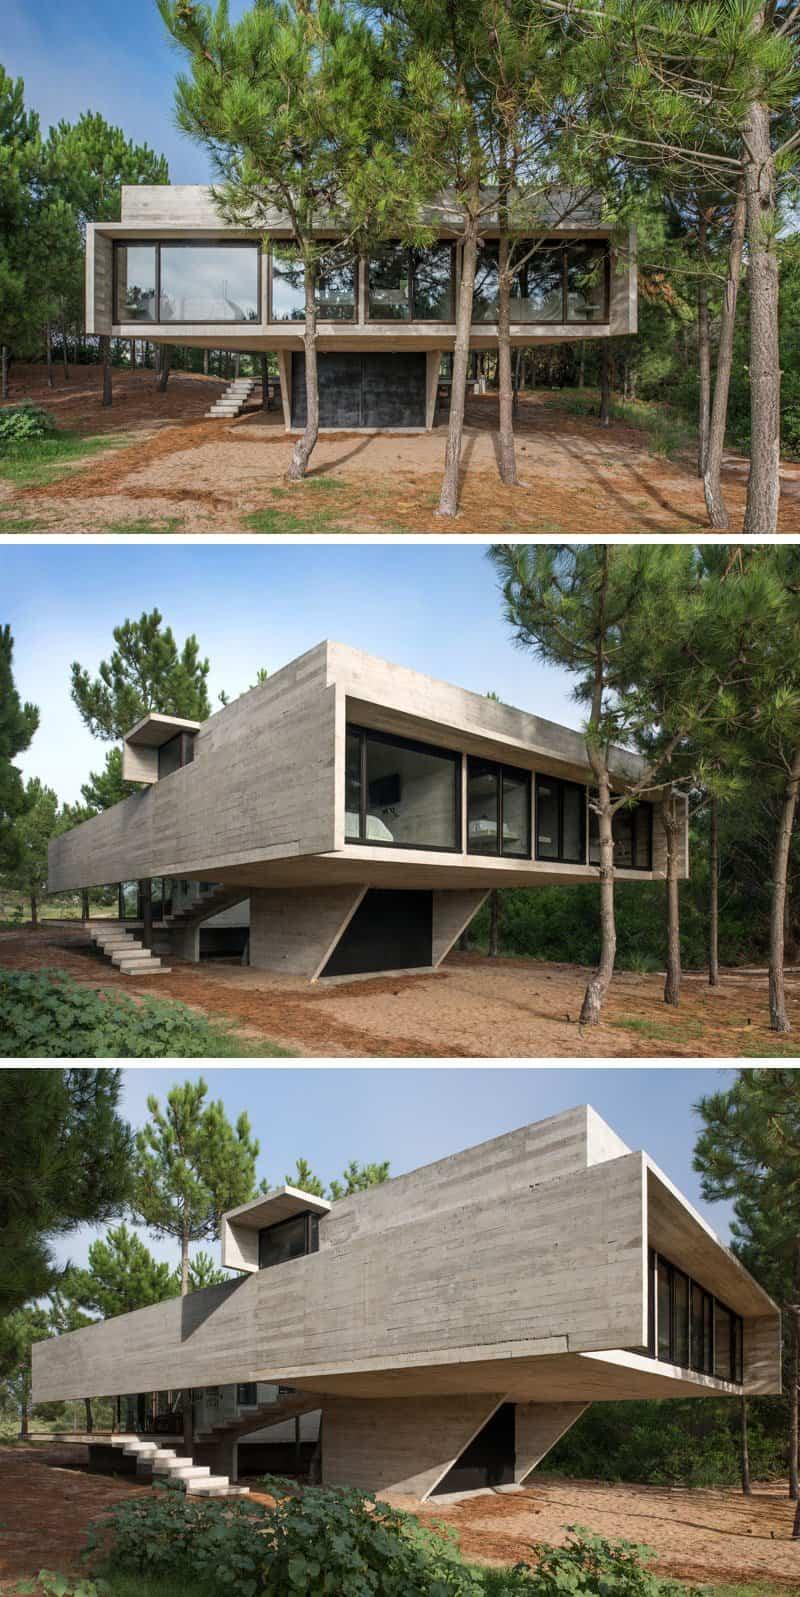 moderna casa argentina de hormigon 2